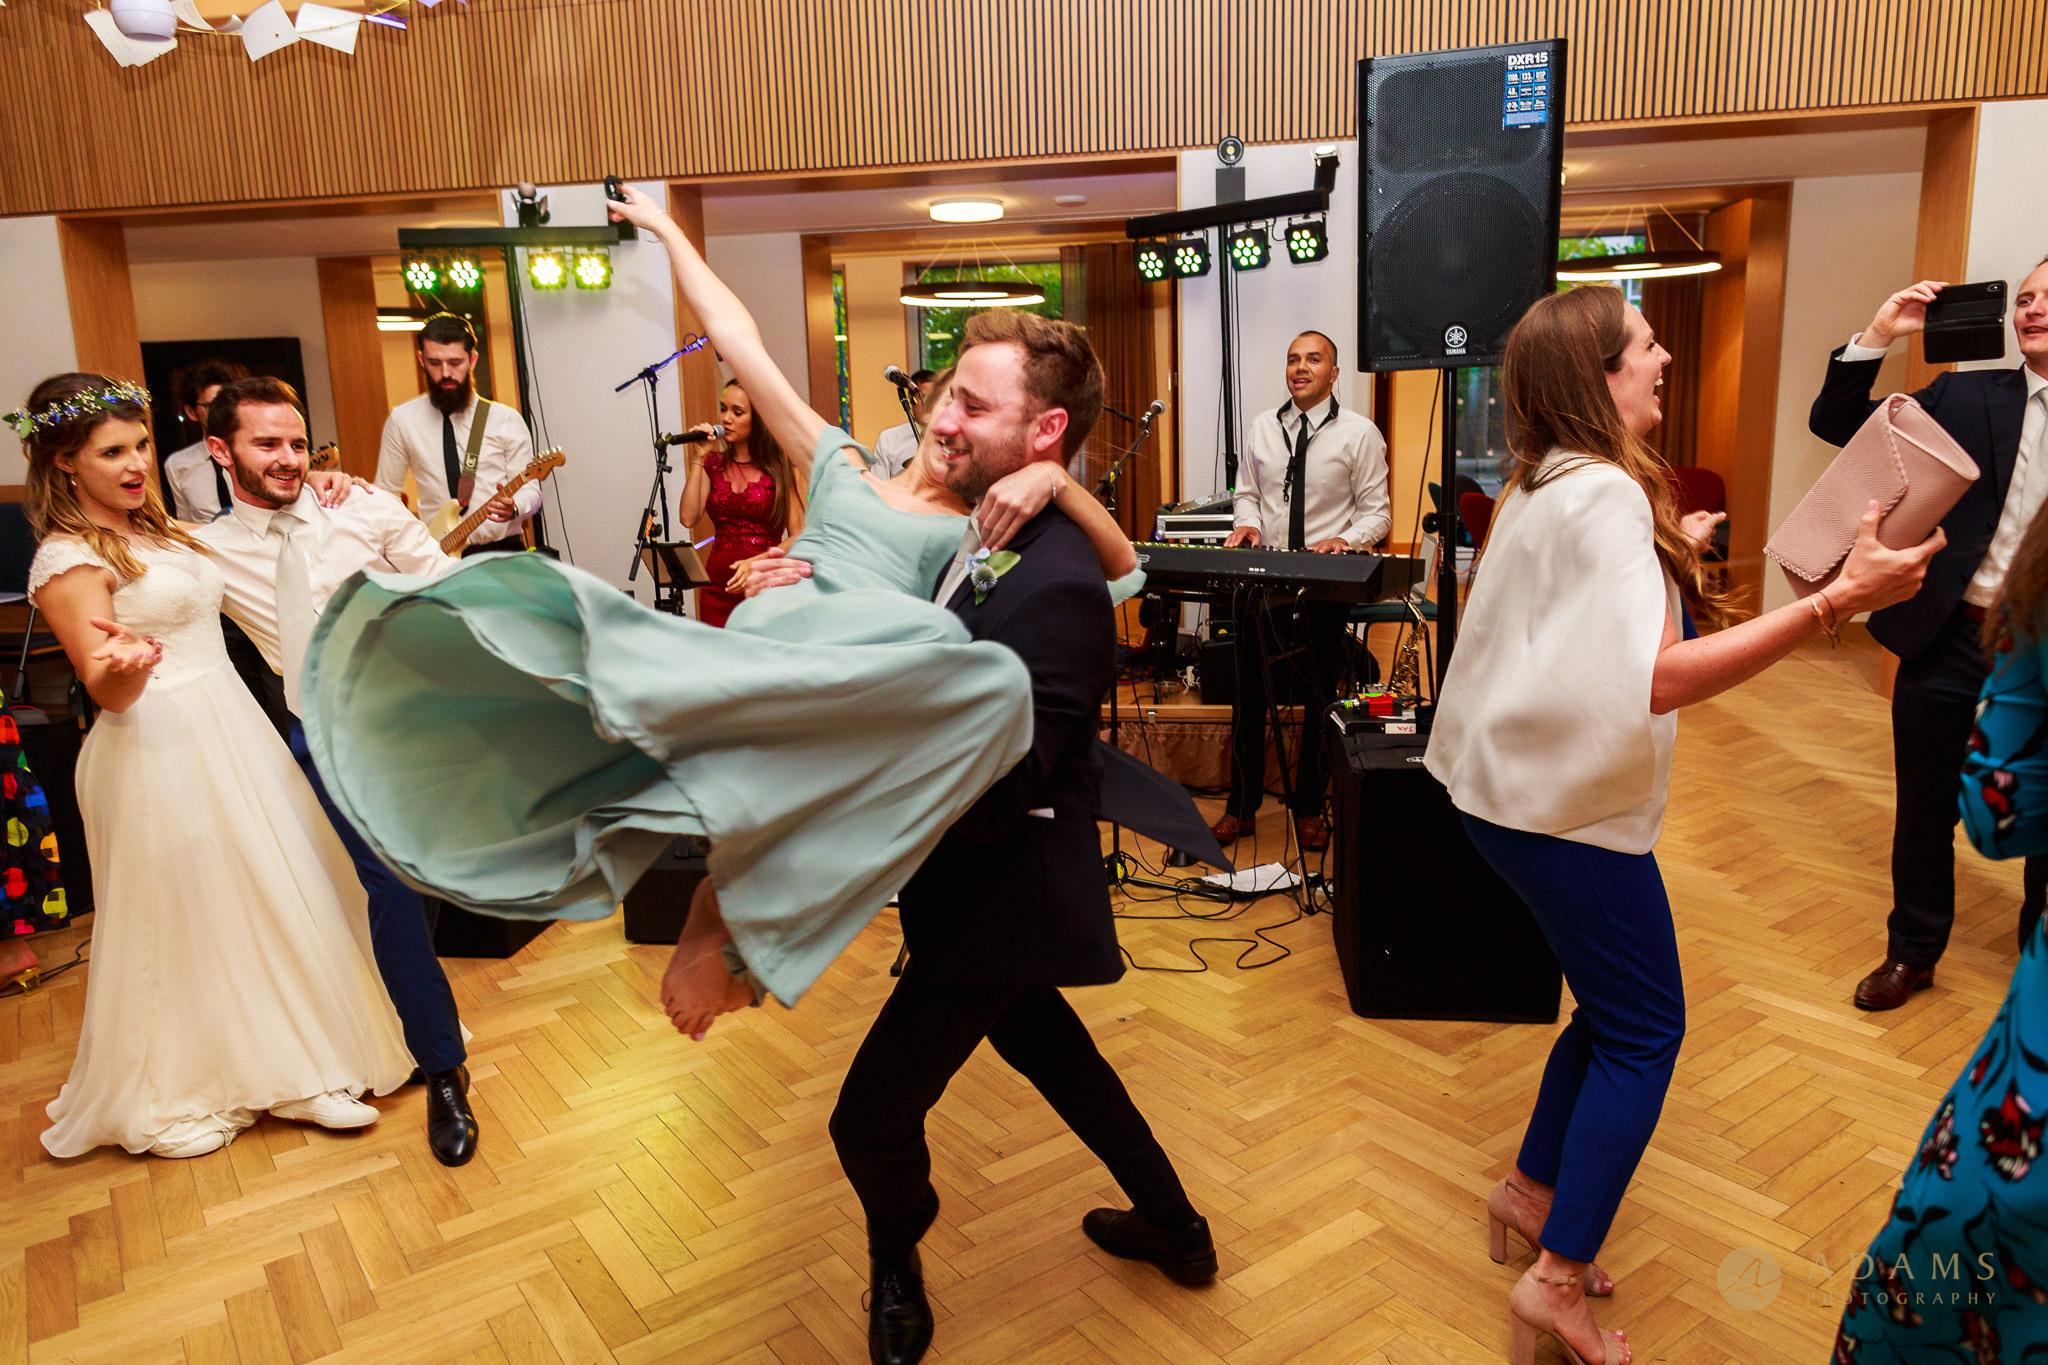 Wedding photographer Cambridge Newnham College guests dancing